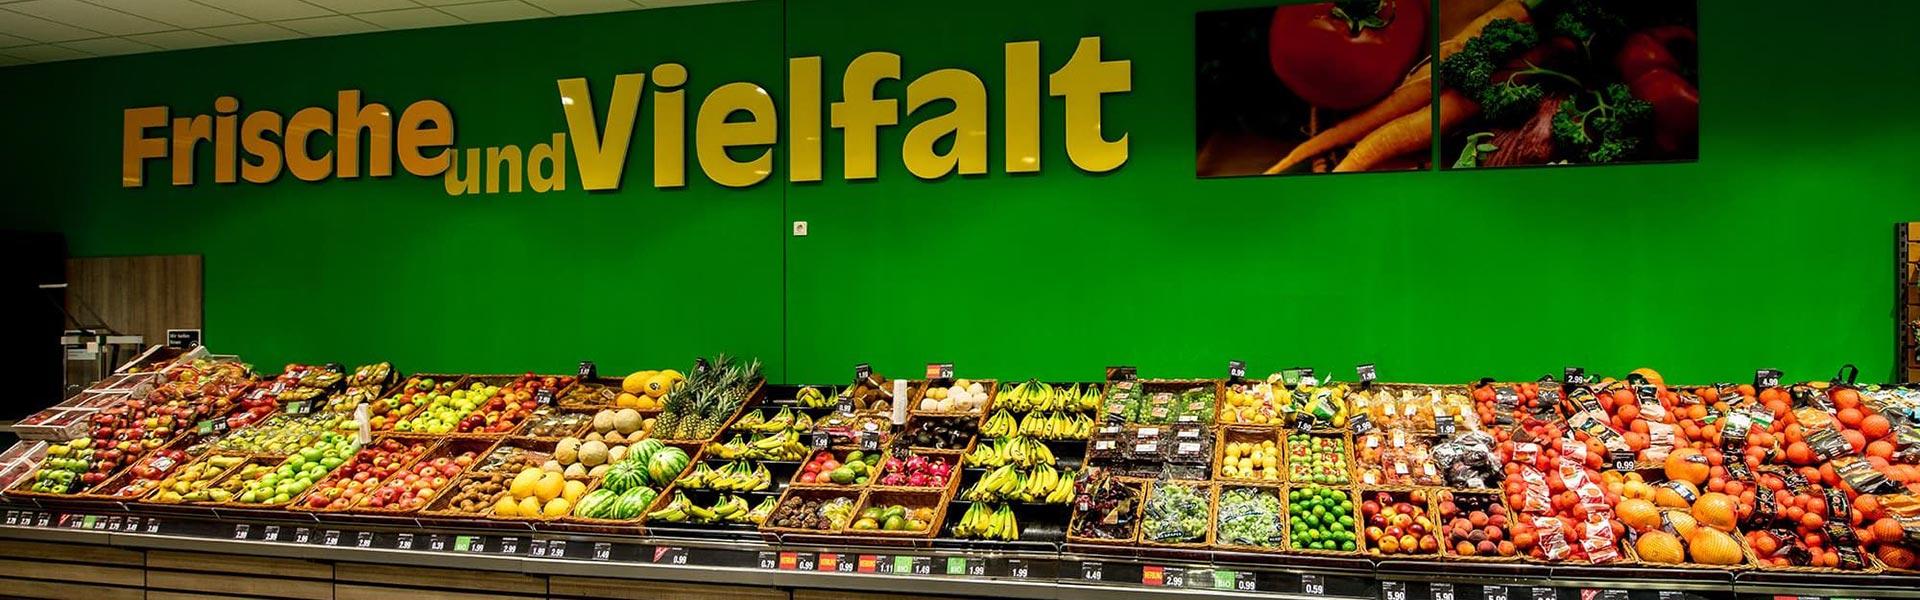 Produkte im Supermarkt in Knetzgau